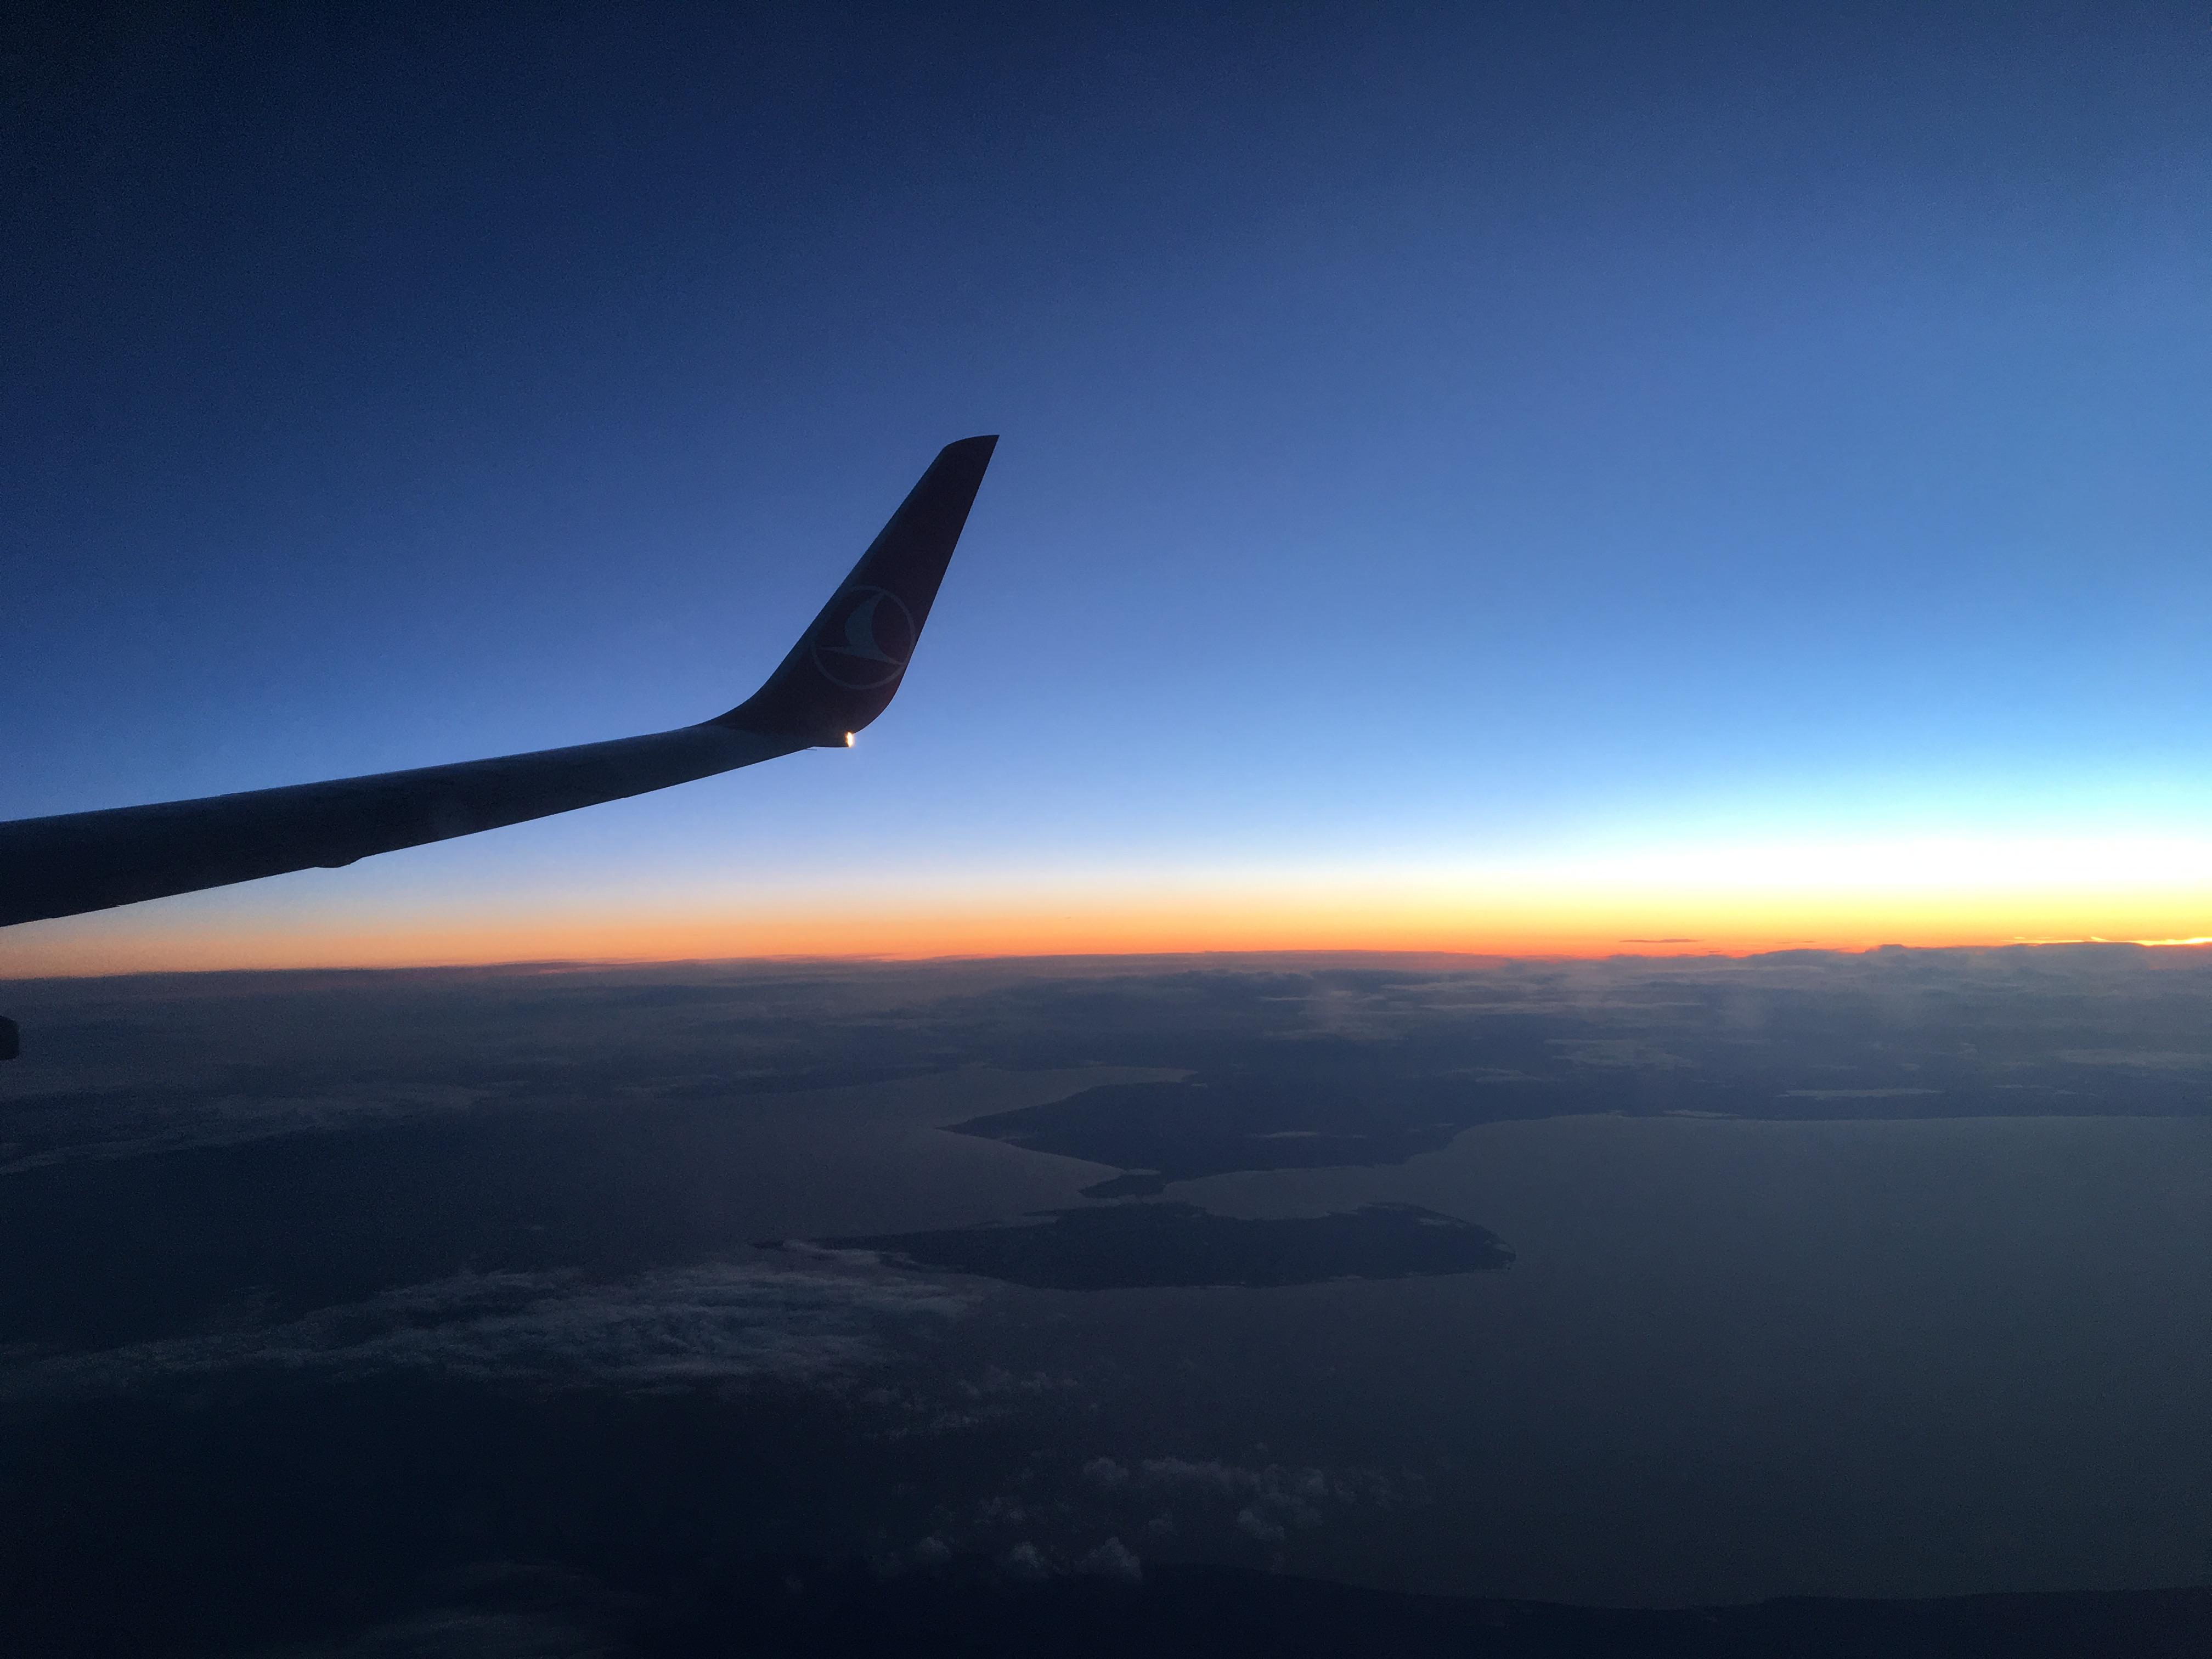 flyt til alanya, danskere i alanya, guide til at flytte til udlandet, sådan flytter du til udlandet